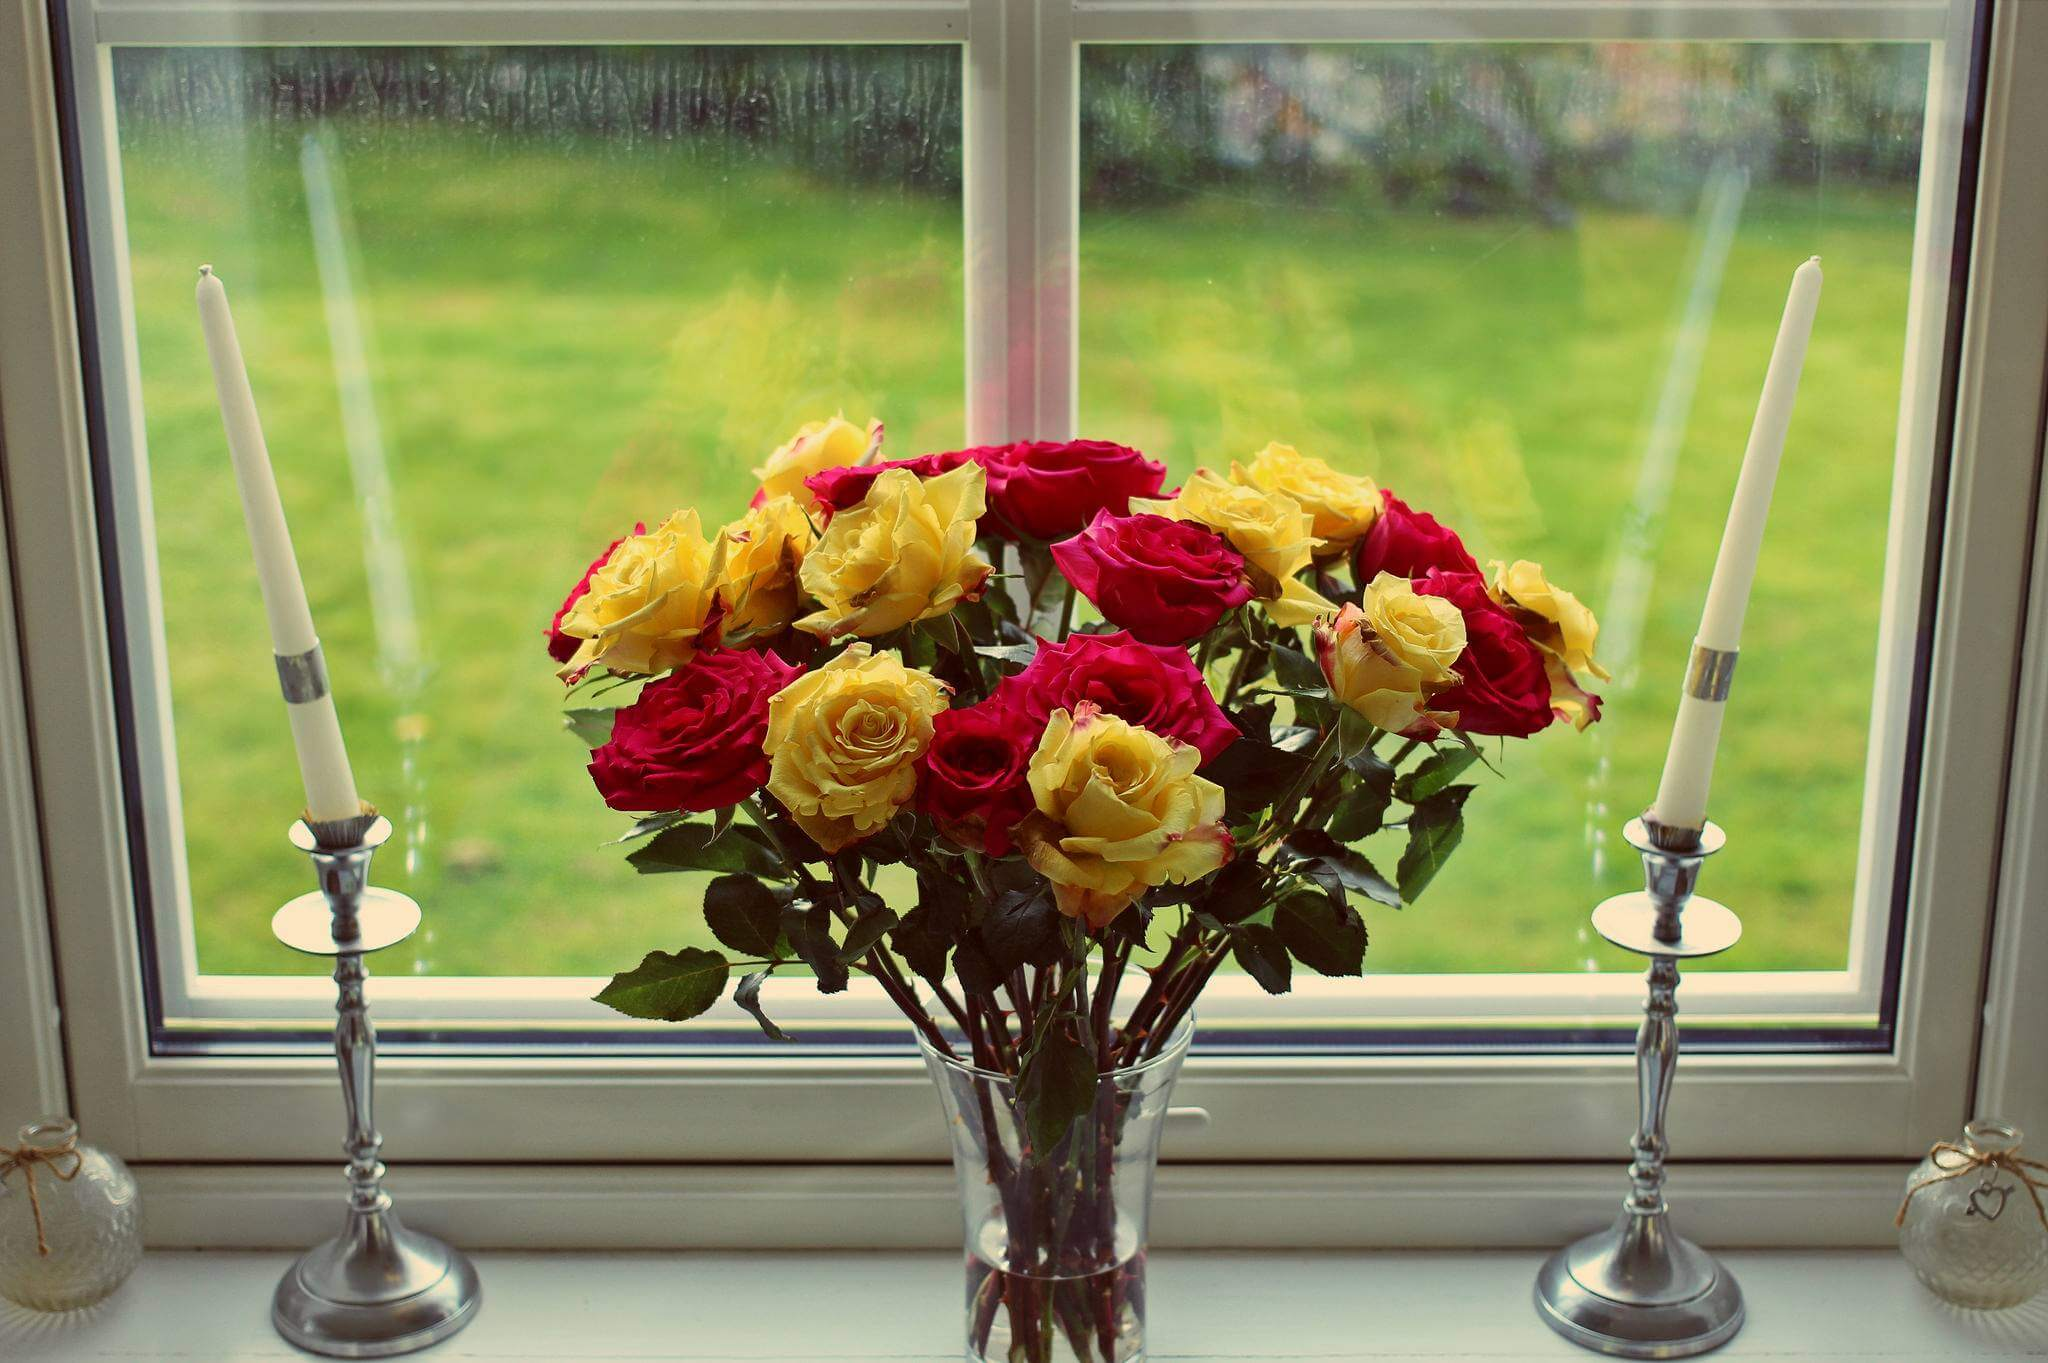 Купить в Харькове цветы для женщины с услугой доставка цветов – одарить и ее, и себя чудесным настроением